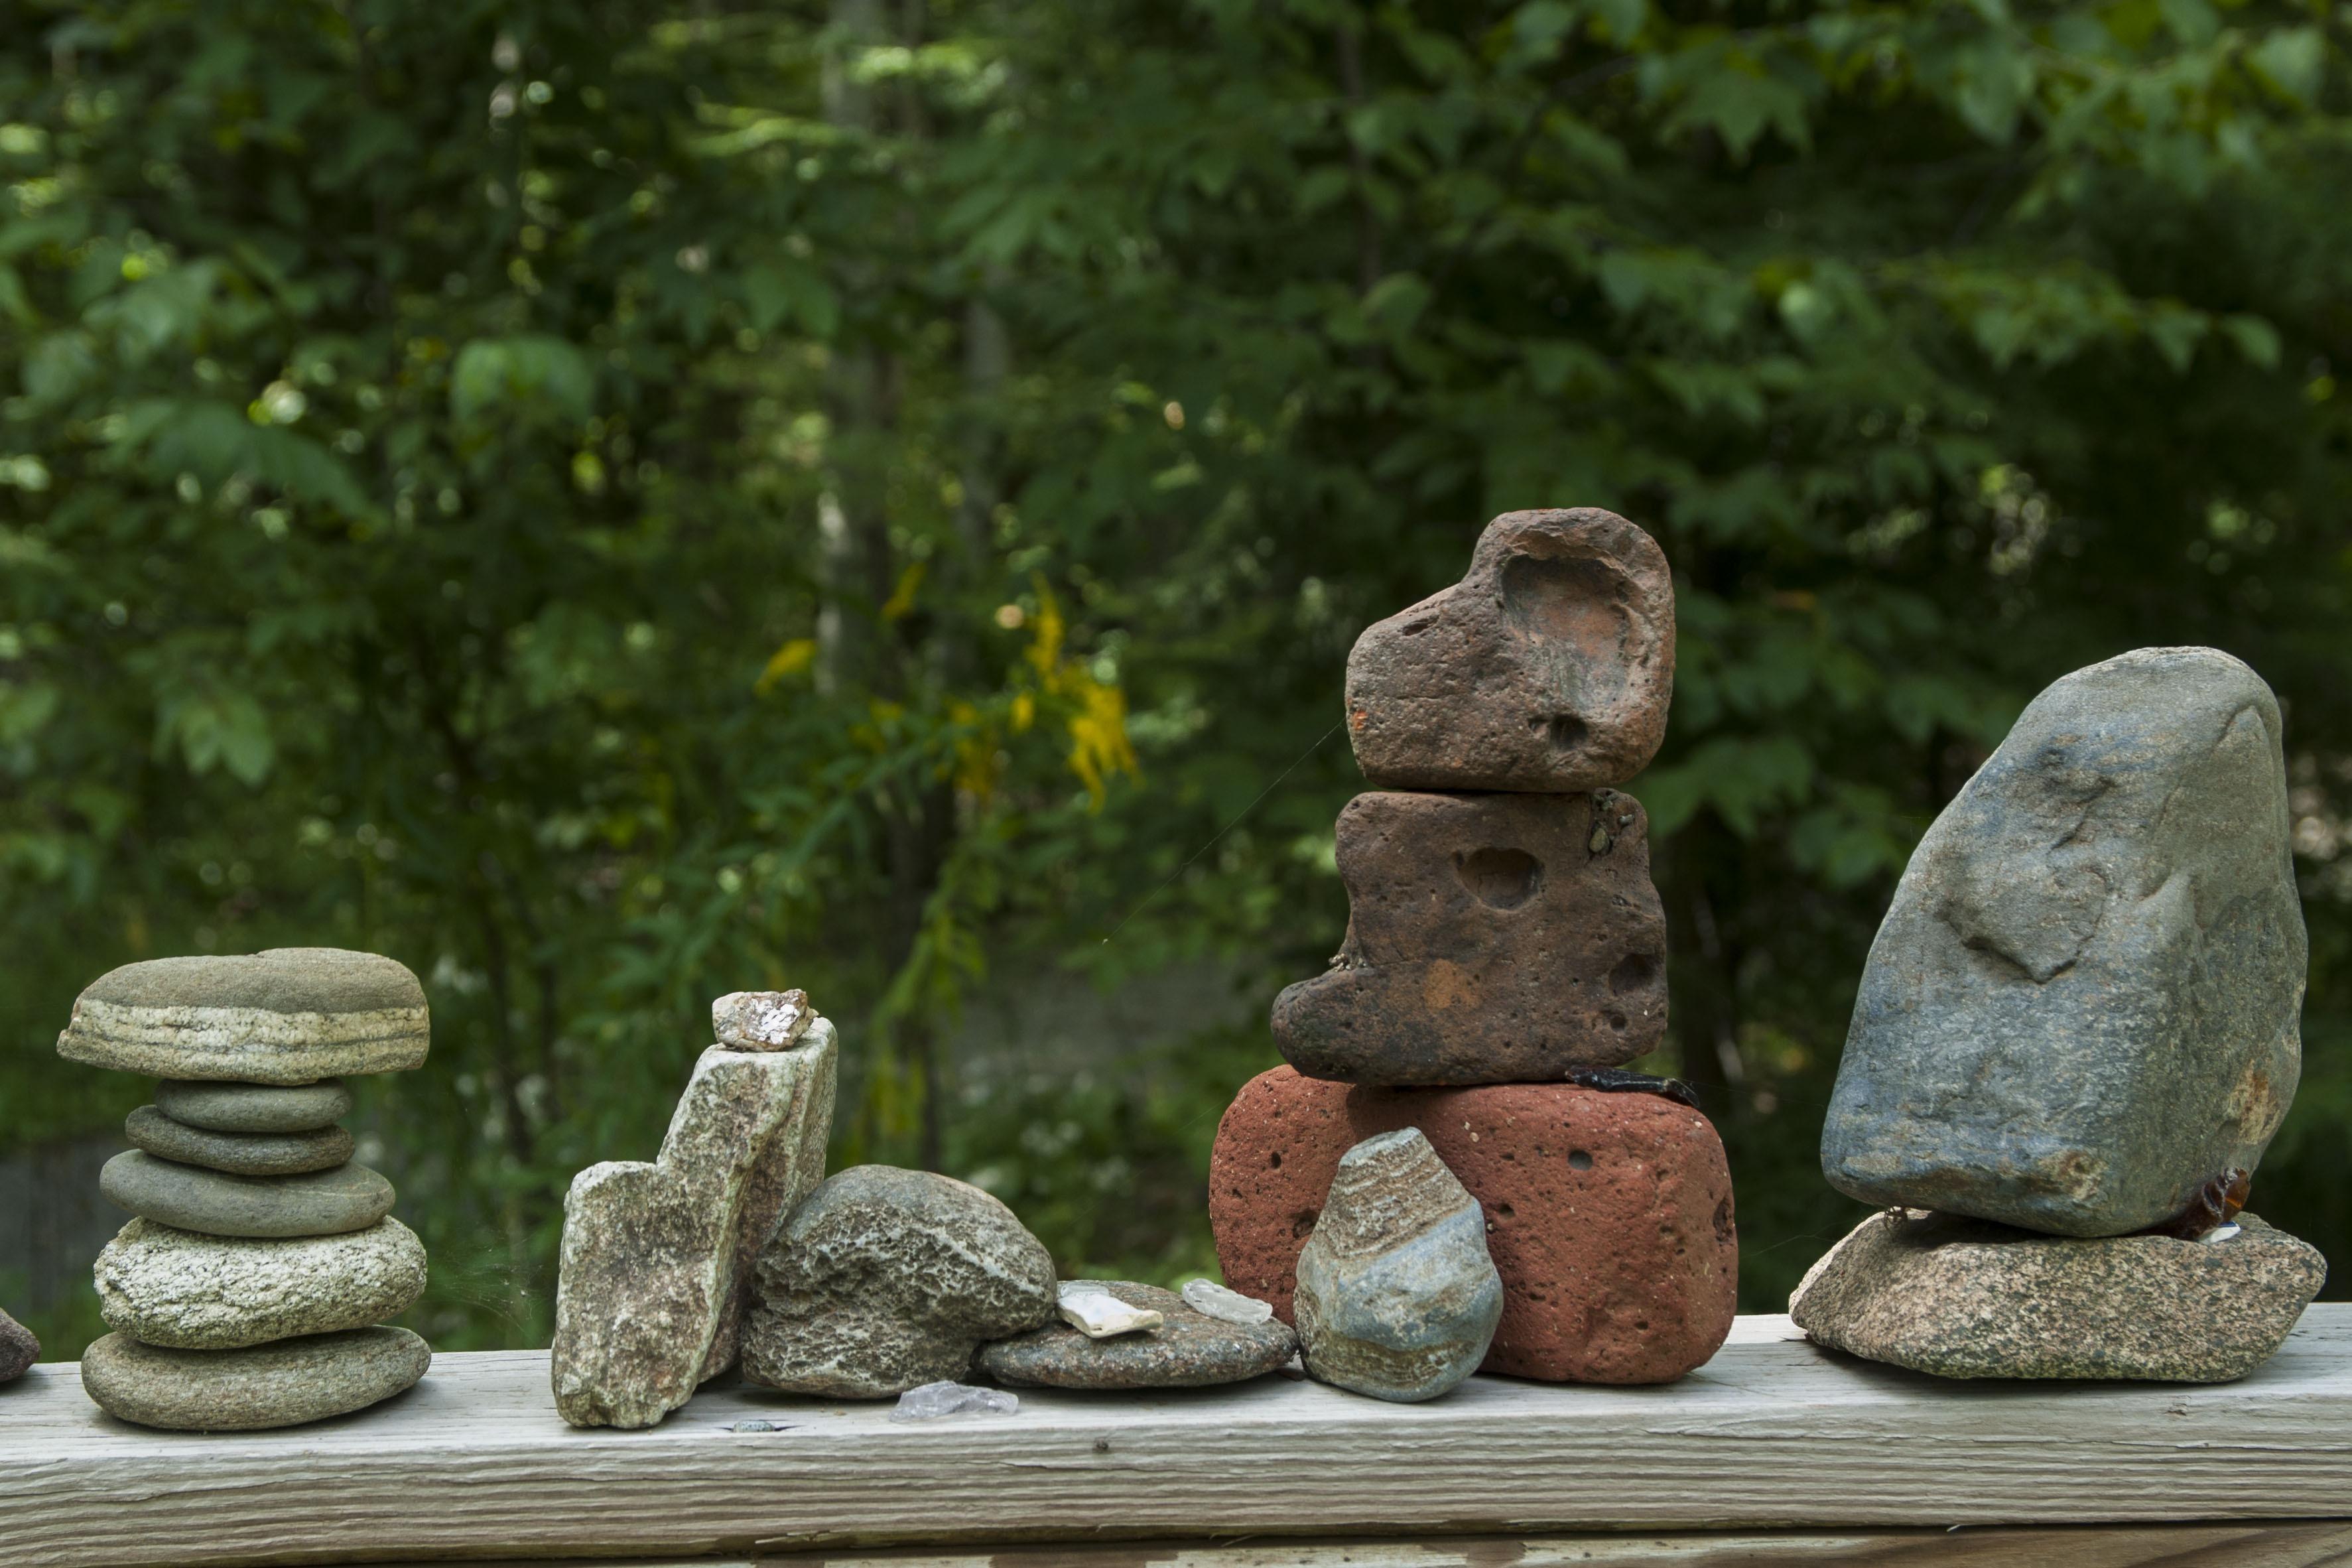 каждый раз, фото статуй из камней необходимого